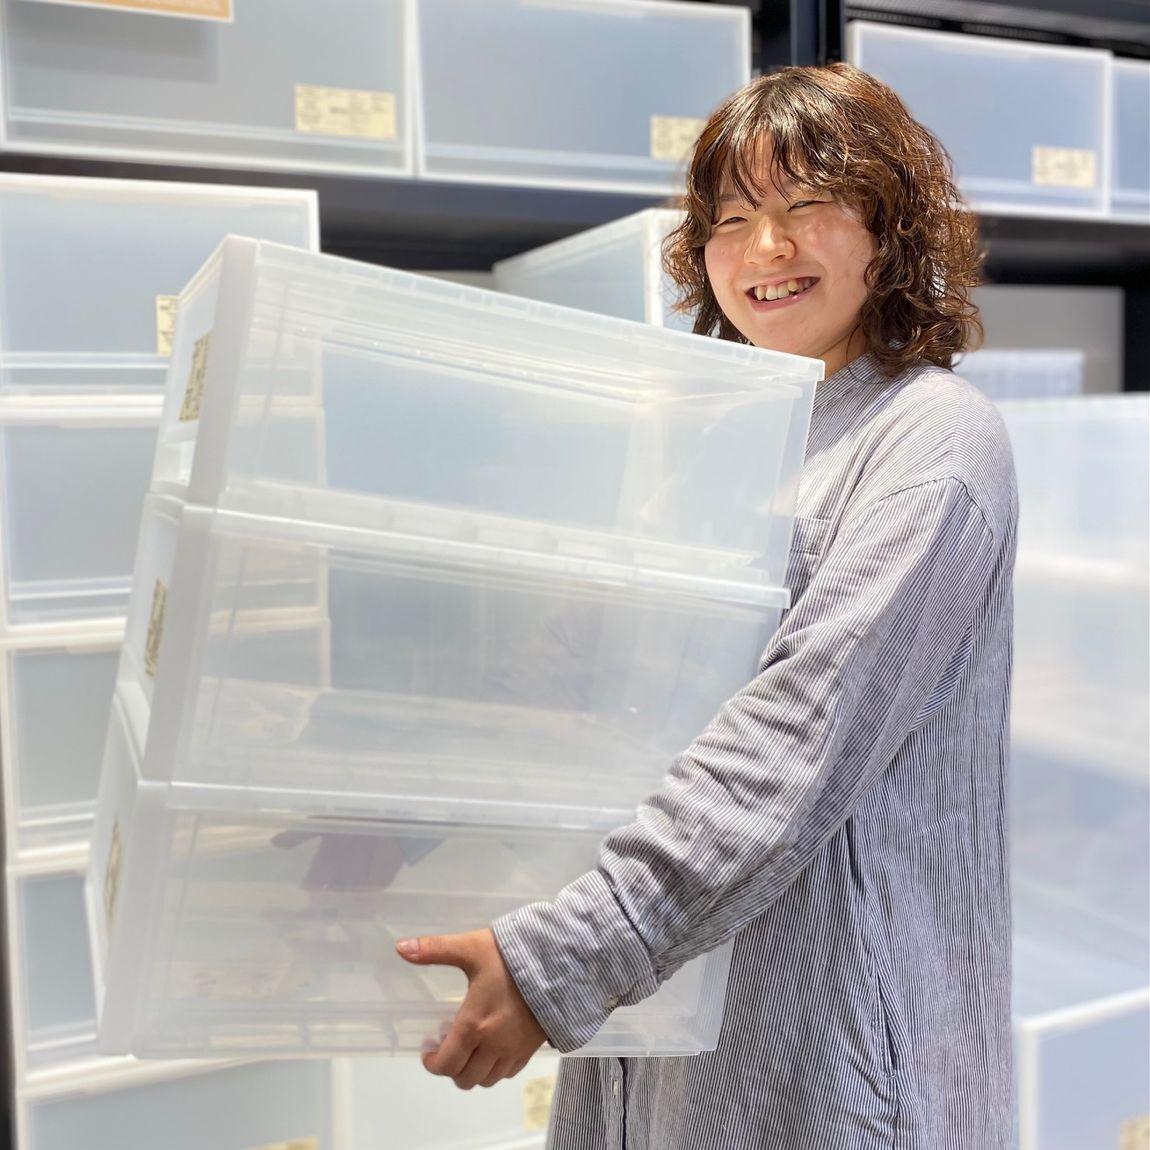 【銀座】ポリプロピレン収納をご購入の方へ|5F 収納用品売り場